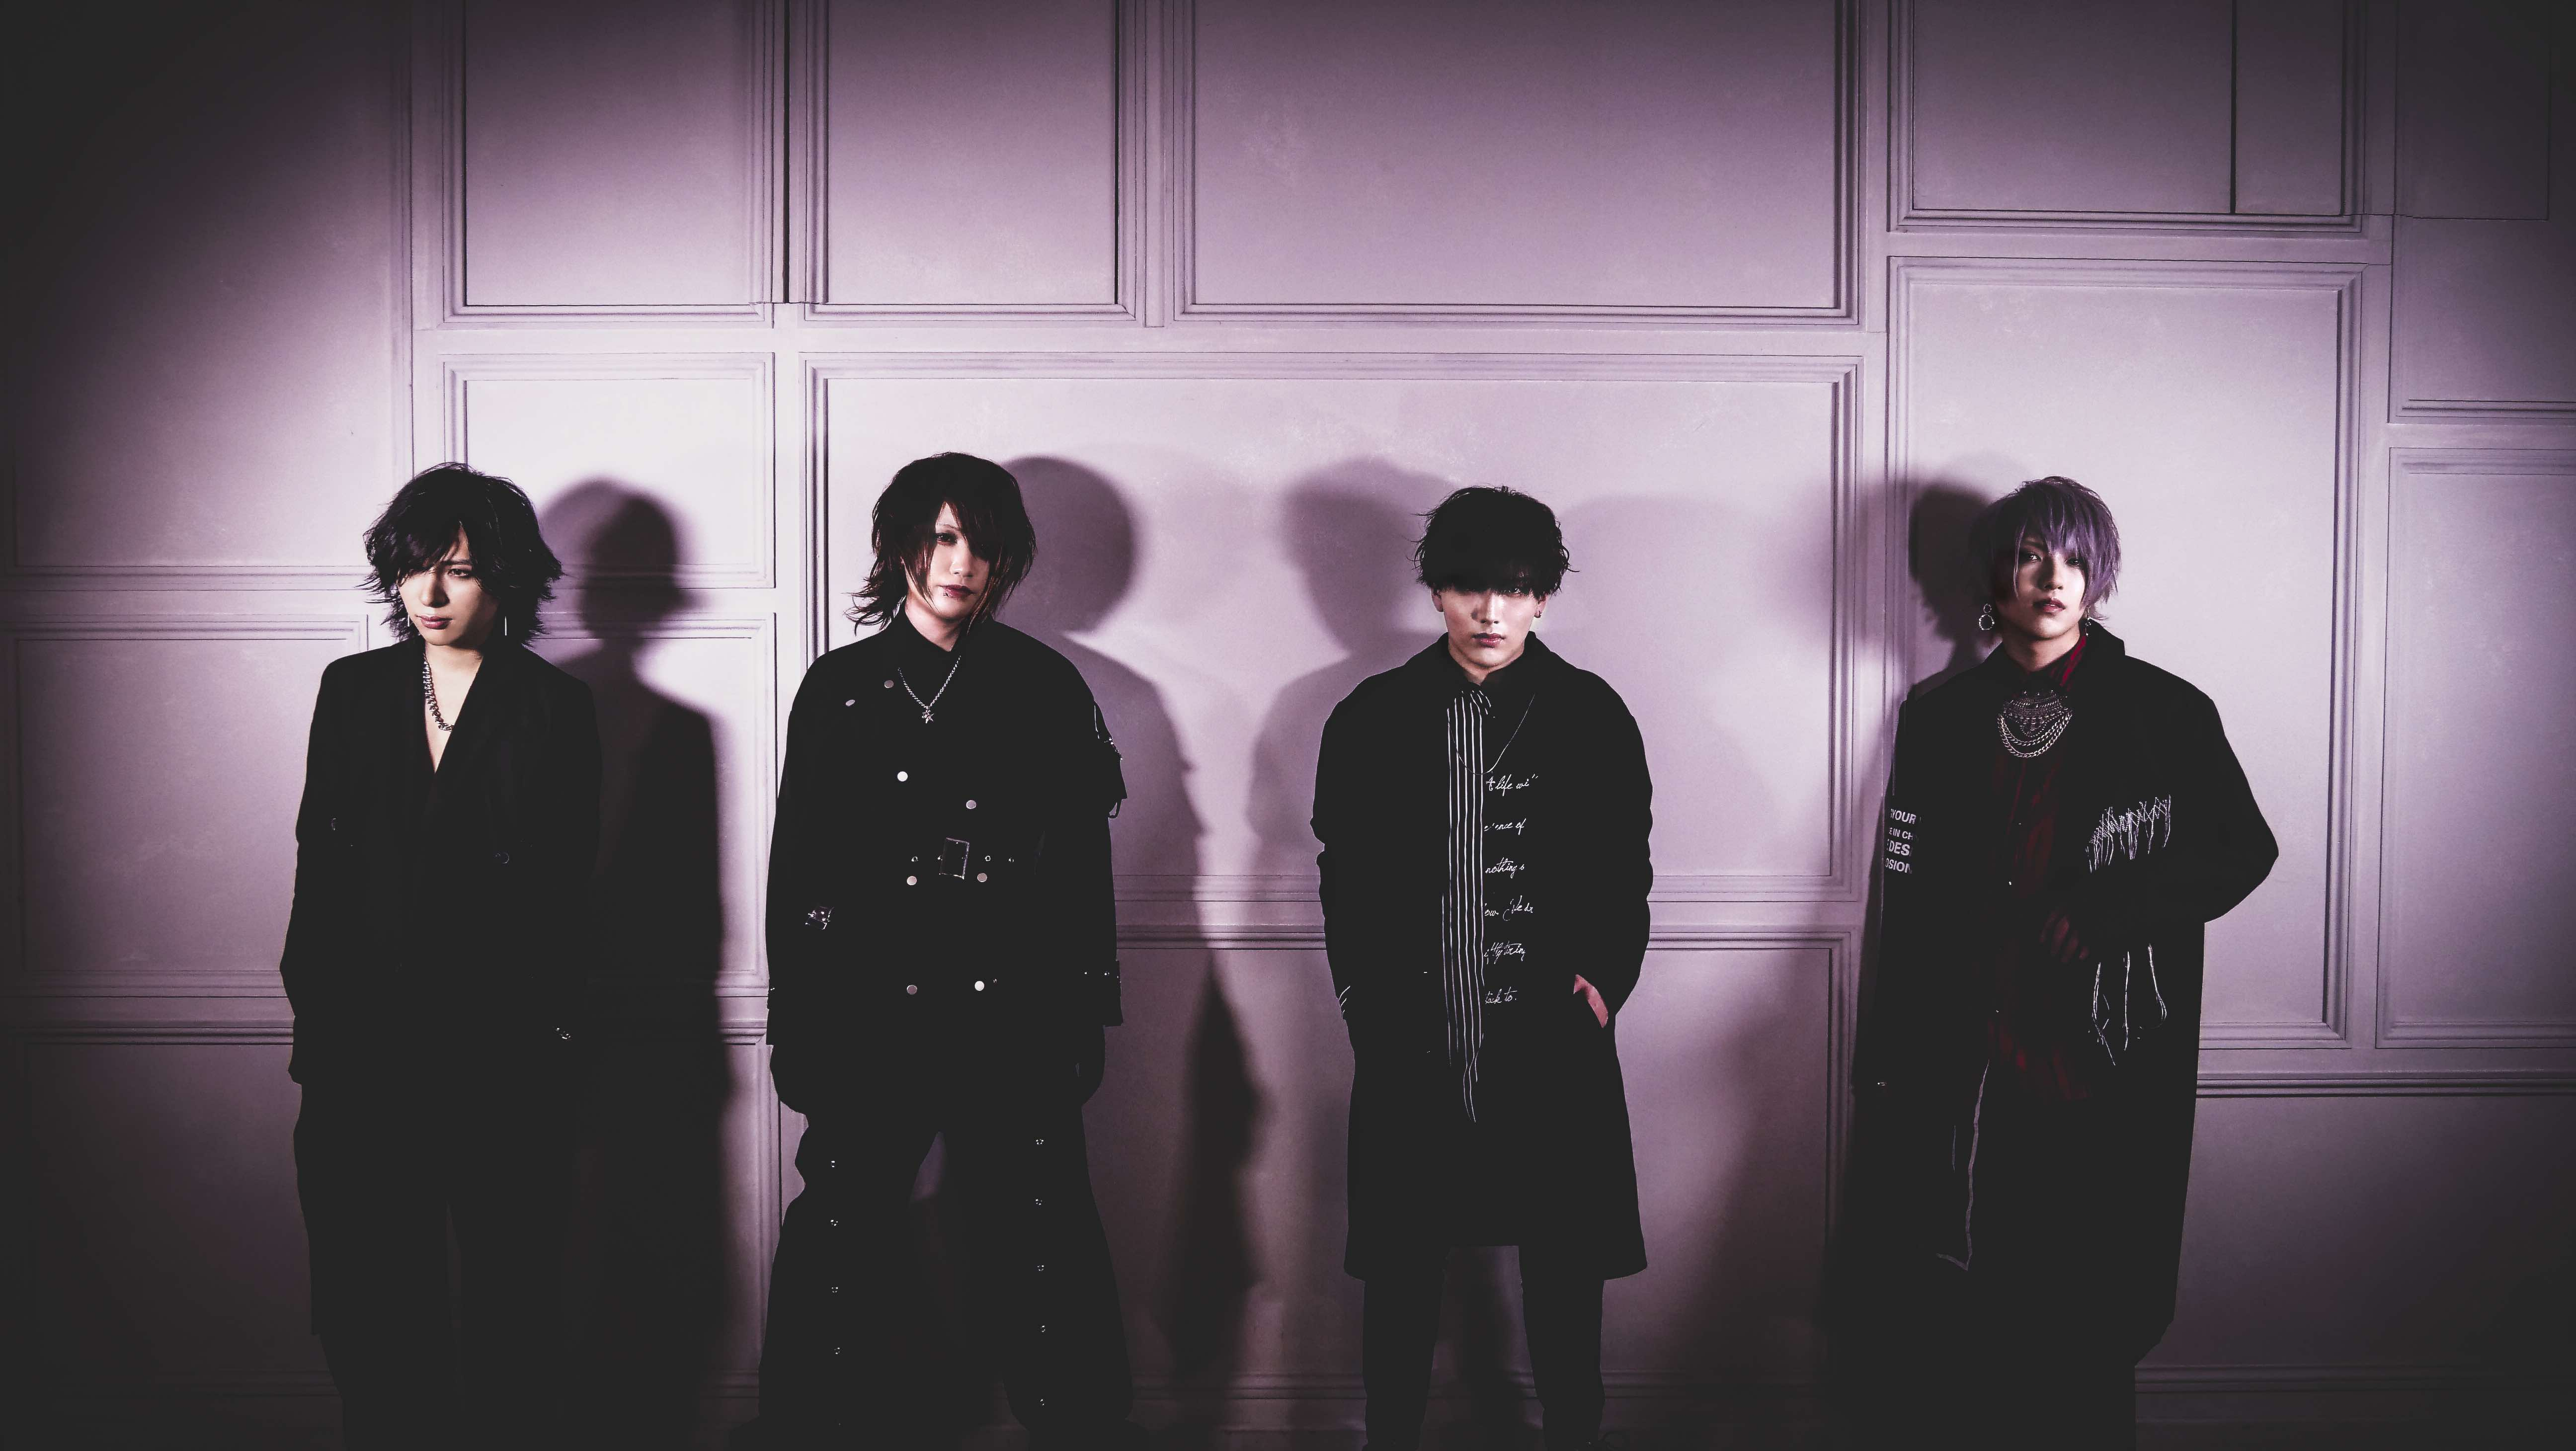 6周年 Anniversary Oneman Tour 『1/1296の未来へ』大阪公演